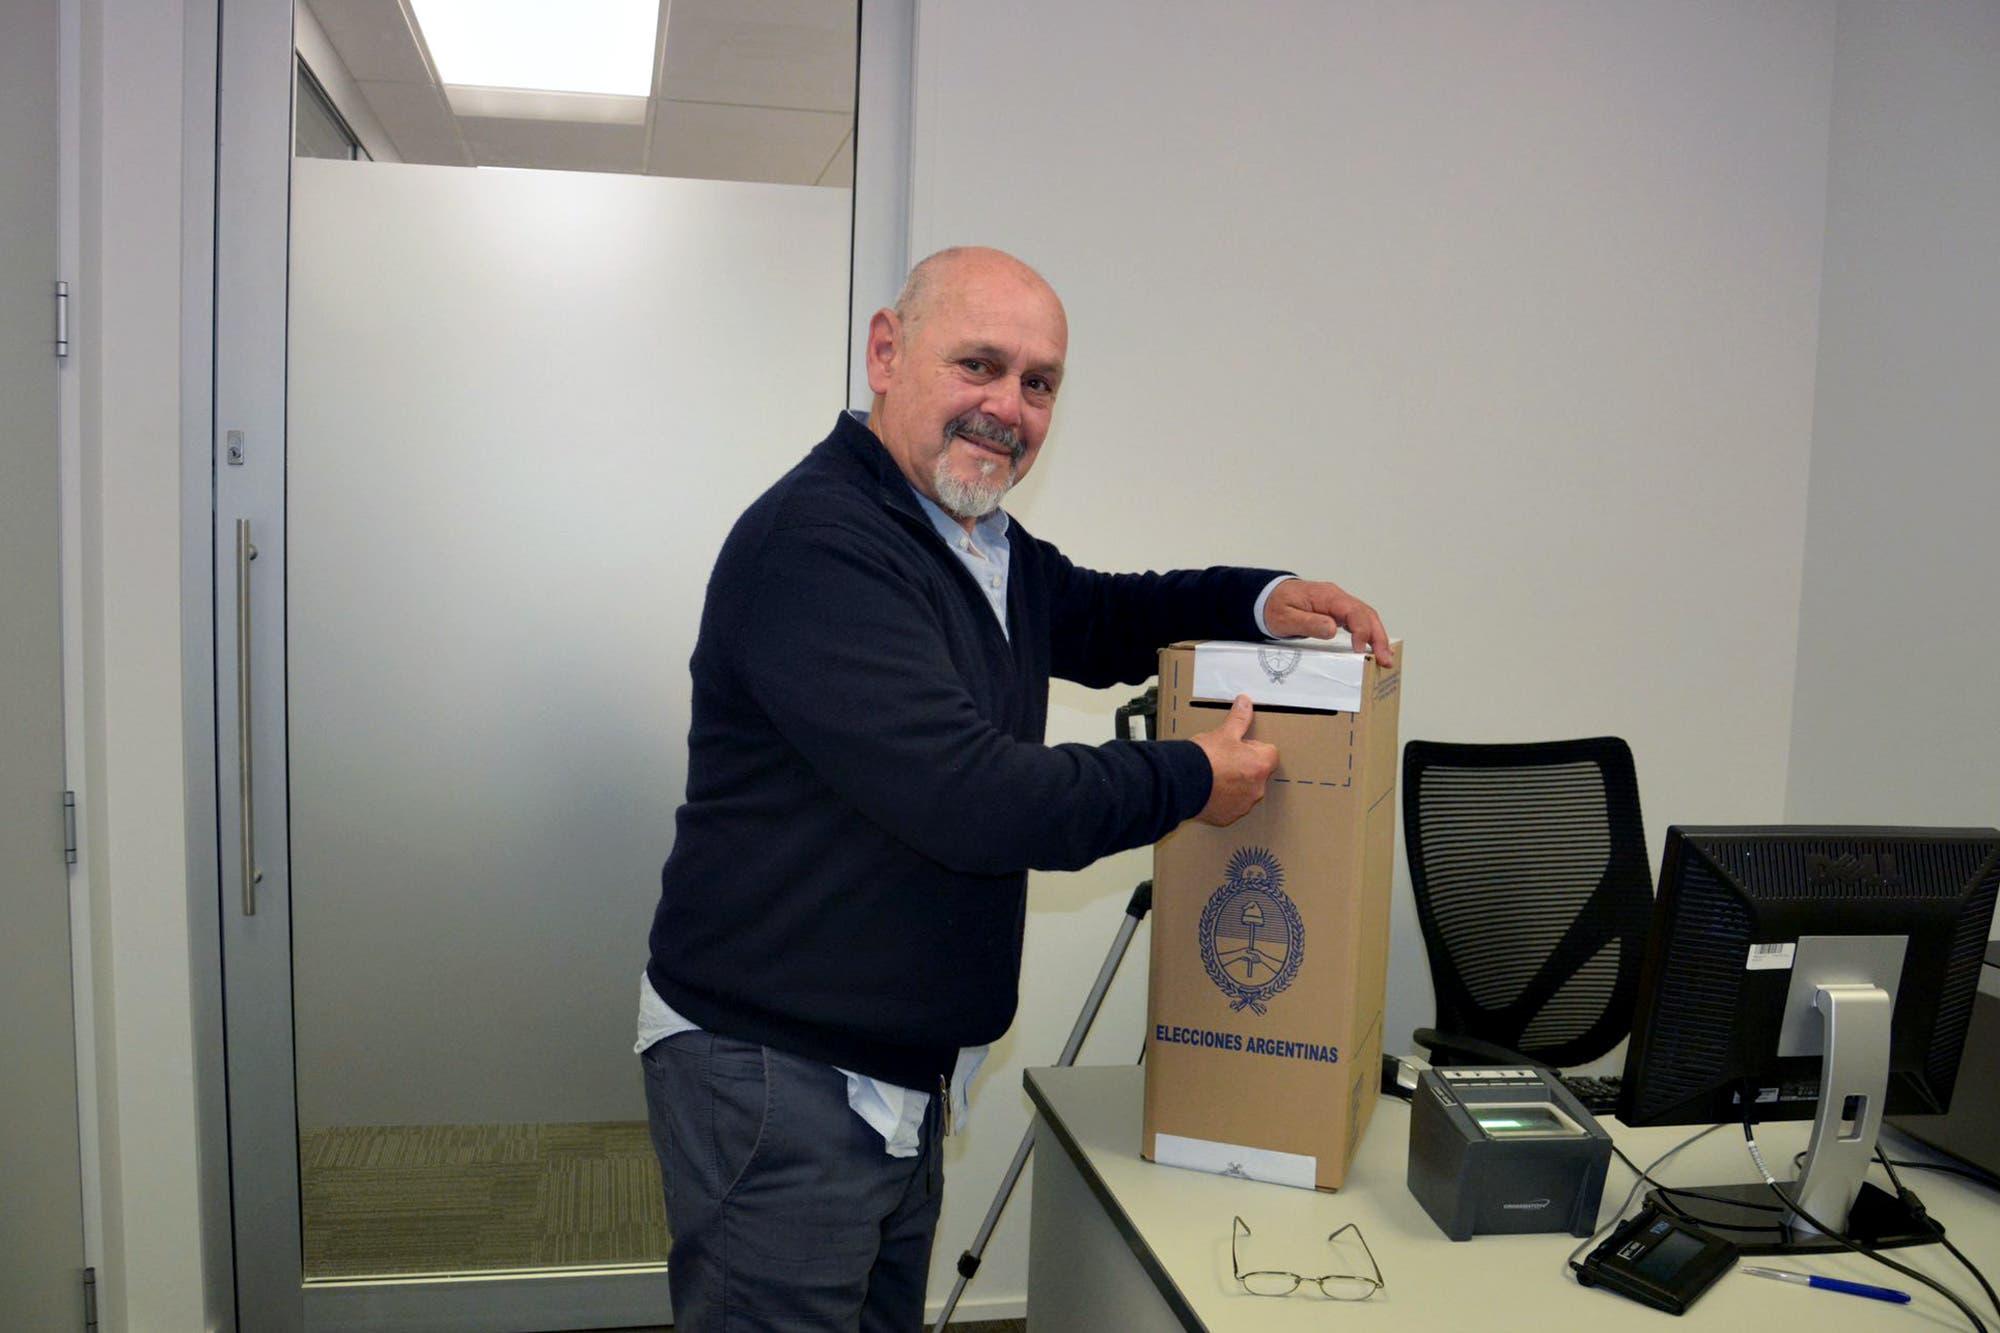 Elecciones 2019: empezó en Nueva Zelanda el voto de los argentinos en el exterior